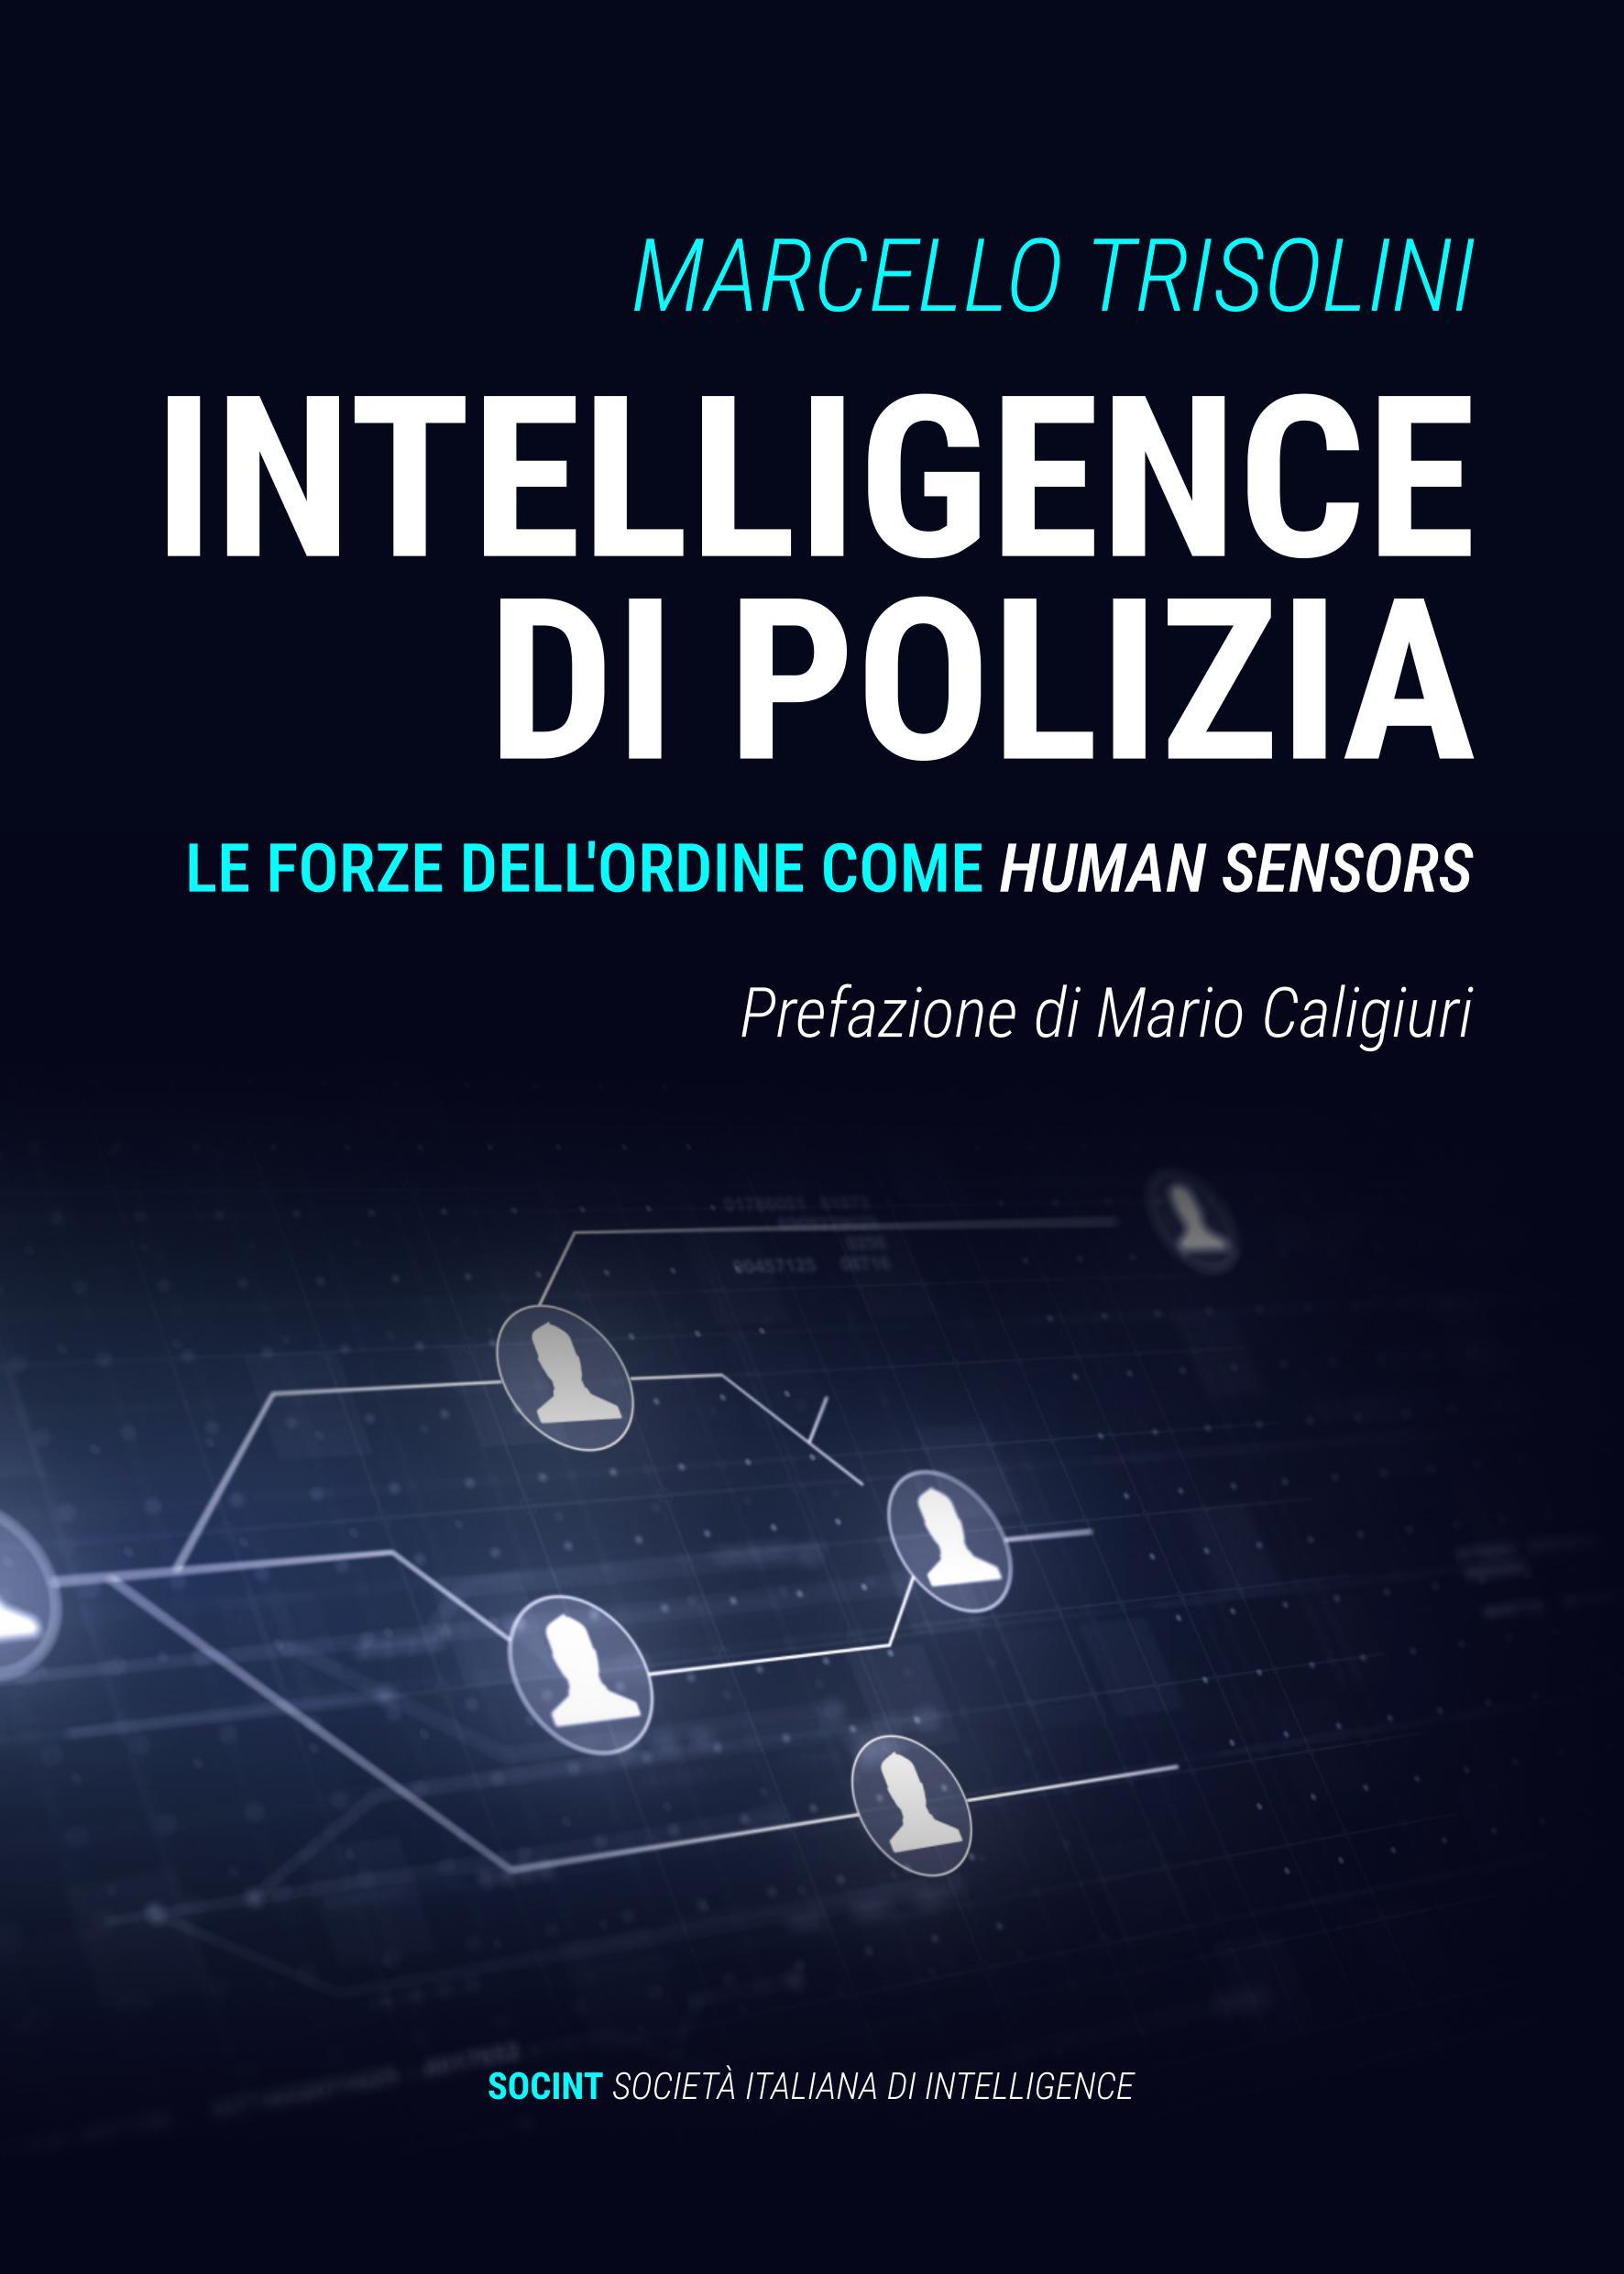 Intelligence di polizia: Le forze dell'ordine come human sensors